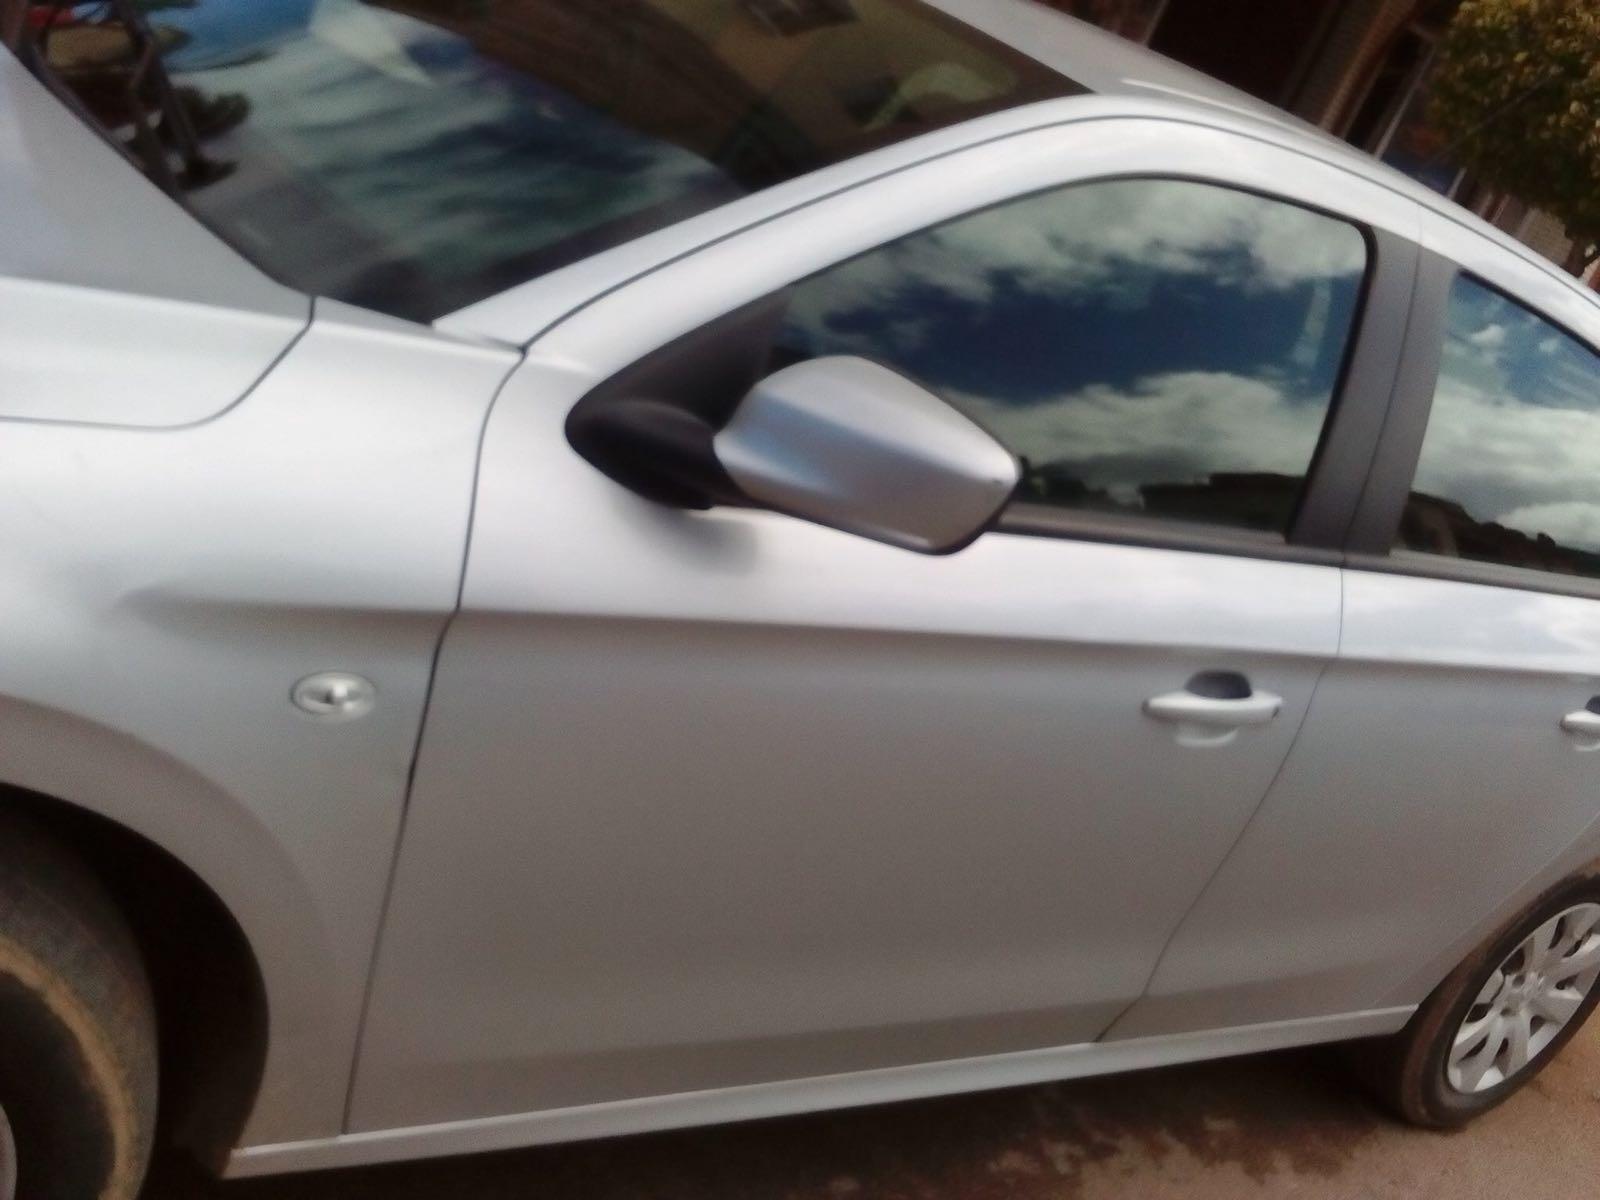 سرقة سيارة من وكالة لتأجير السيارات بالمحمدية